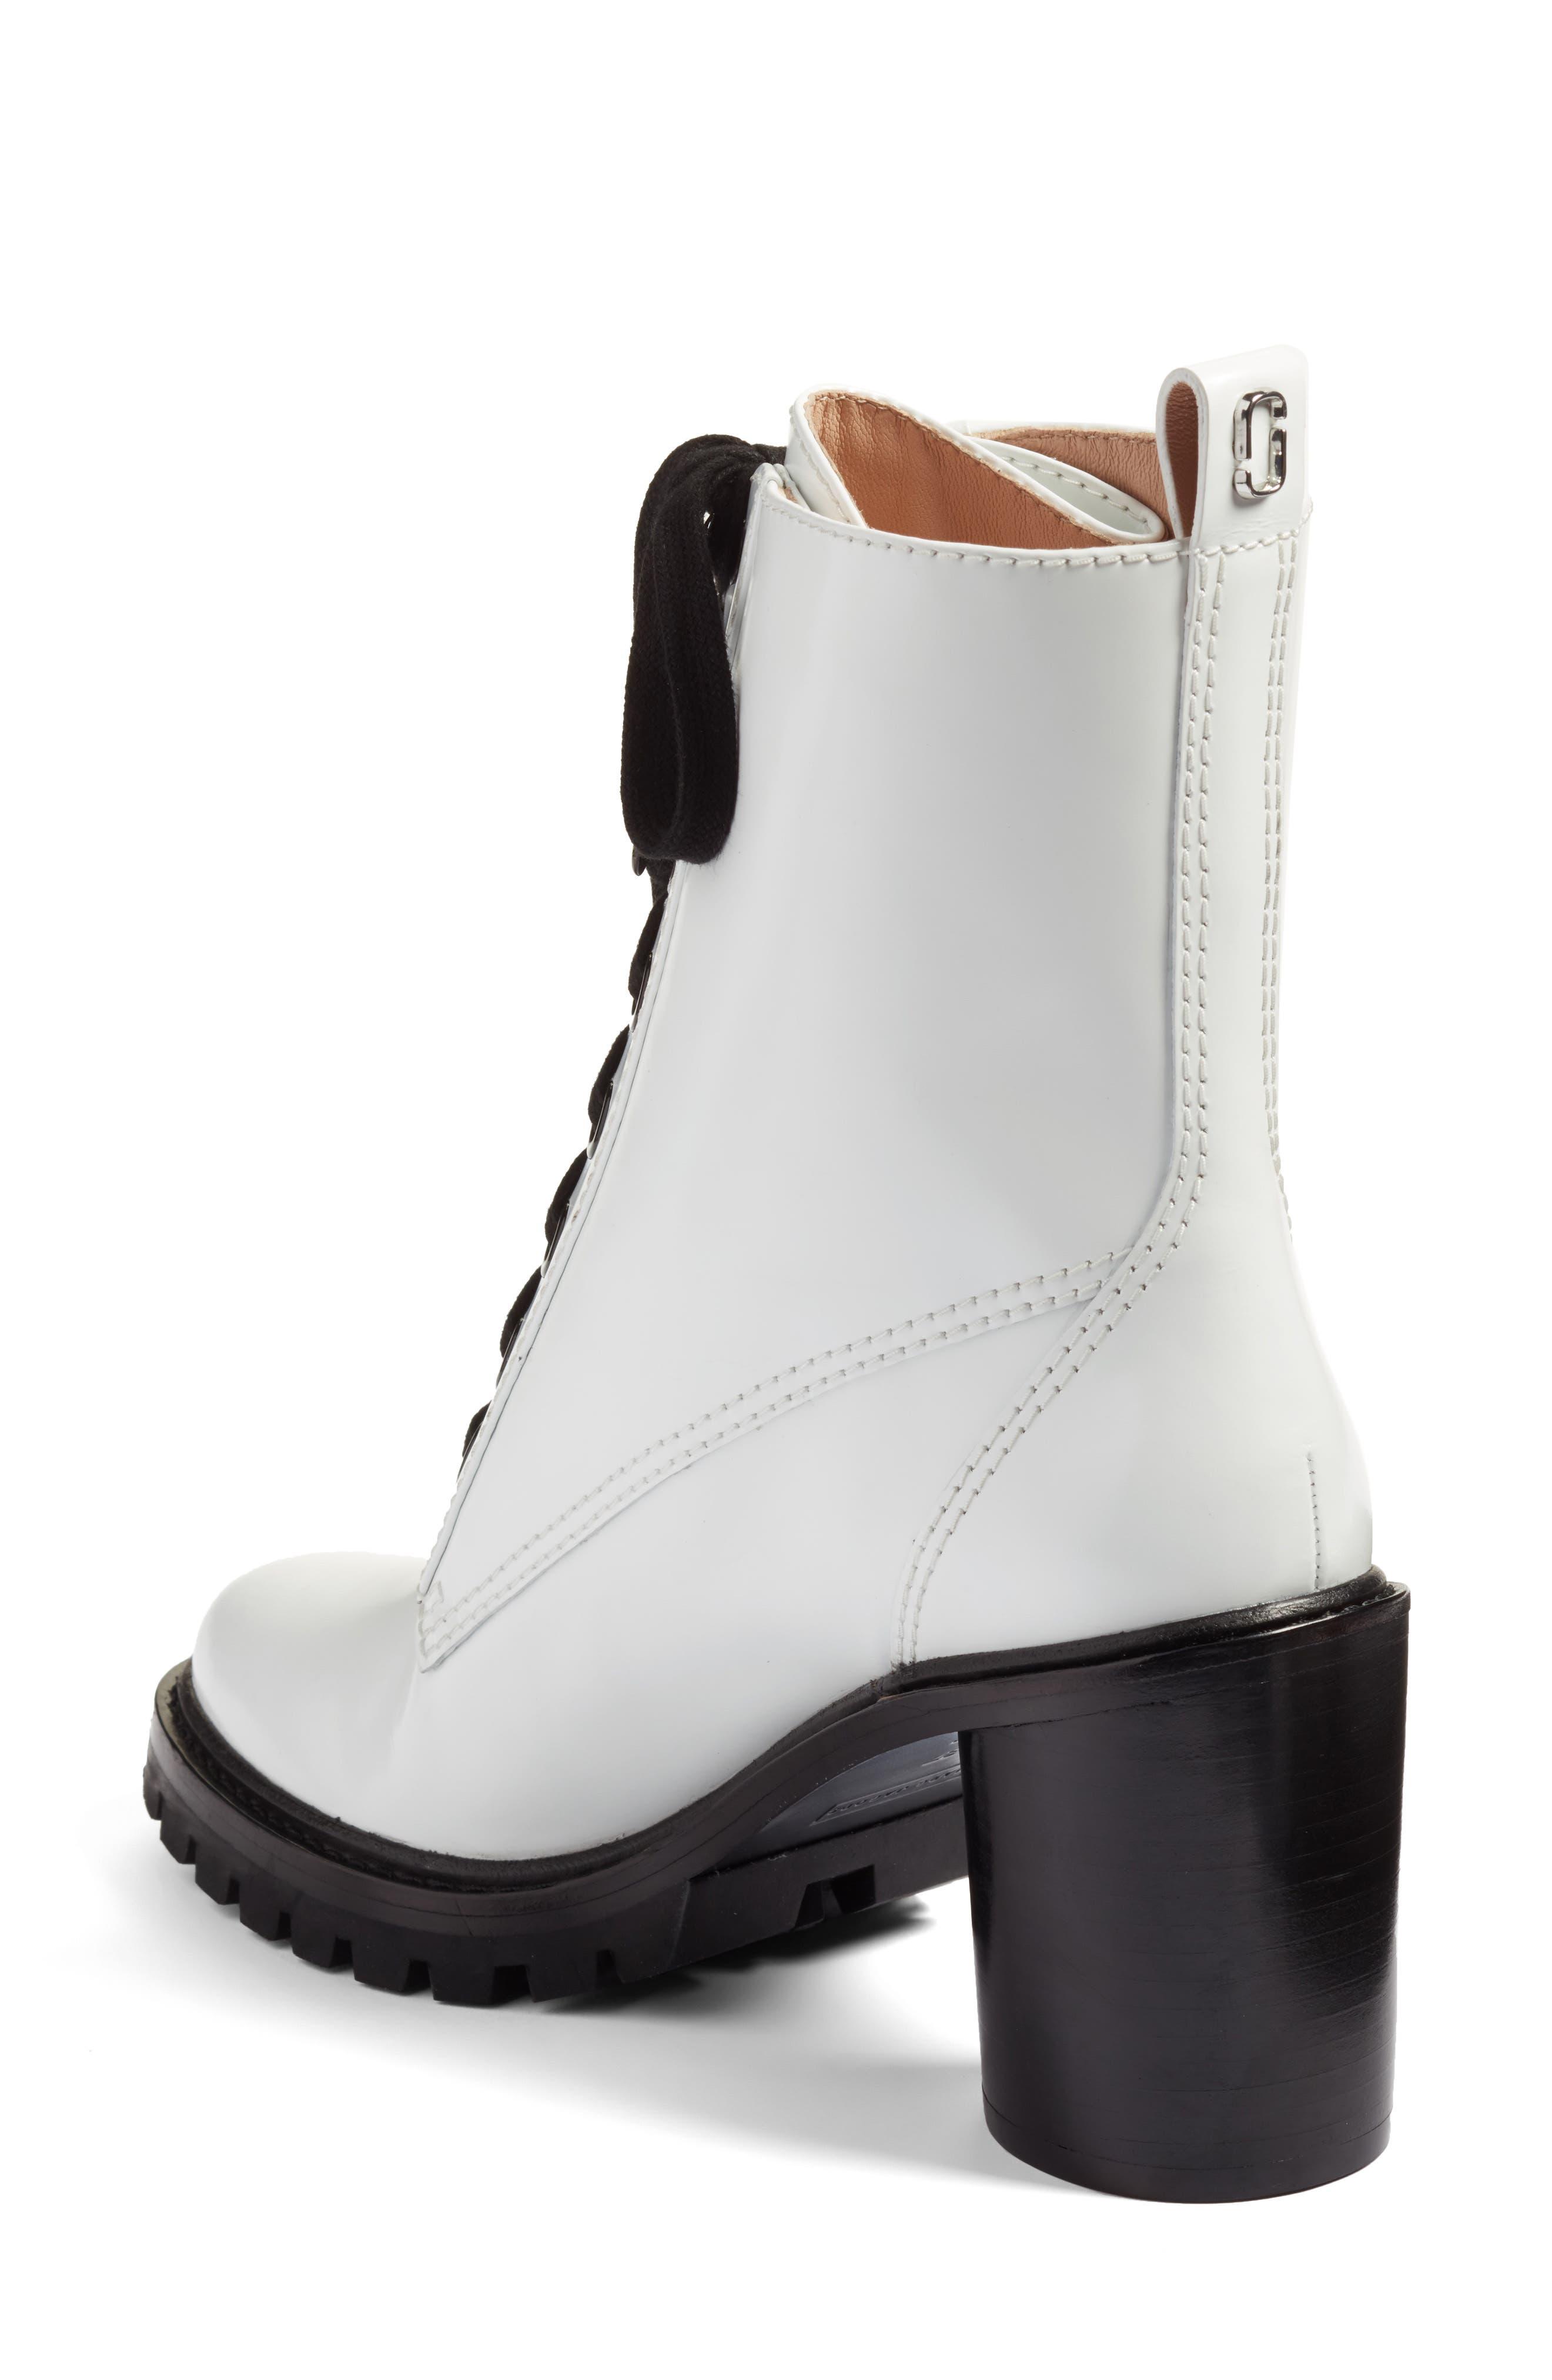 Ryder Block Heel Boot,                             Alternate thumbnail 2, color,                             White